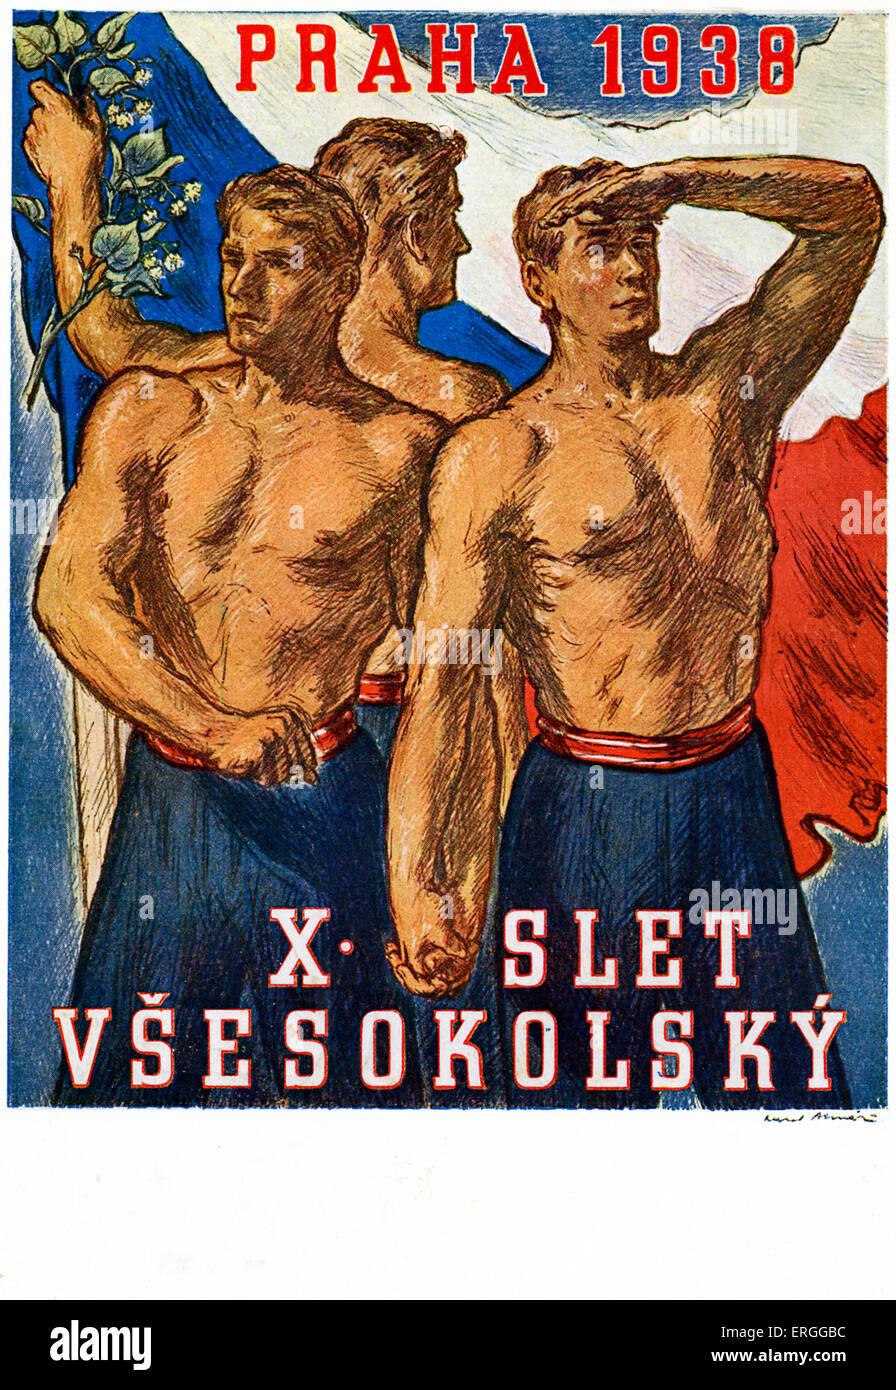 Publicité tchèque Sokol Slet pour 1938. Tenue à Prague. Sokol est un  mouvement de la jeunesse des sports et de la gymnastique. 71b63536560